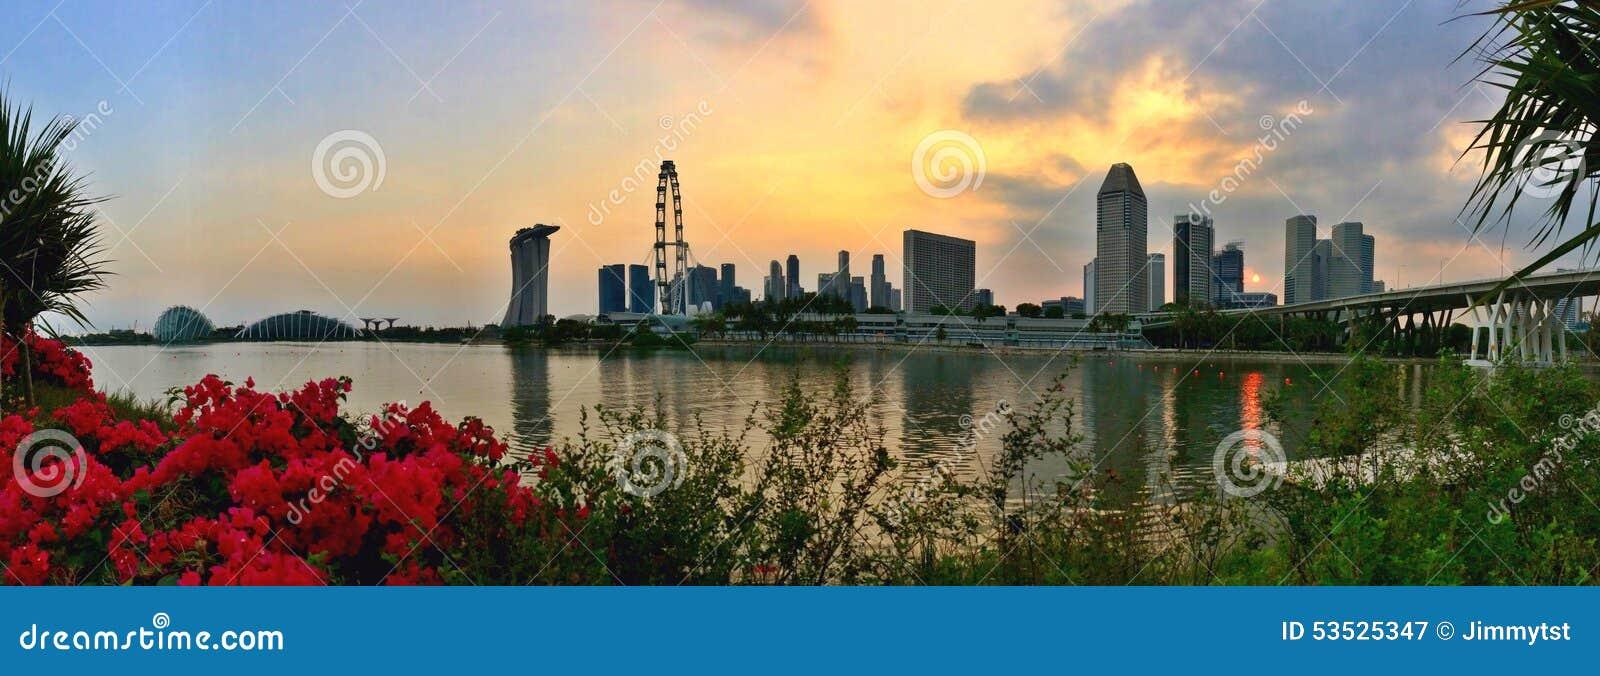 Panorama von Gärten durch die Bucht- und Singapur-Stadt